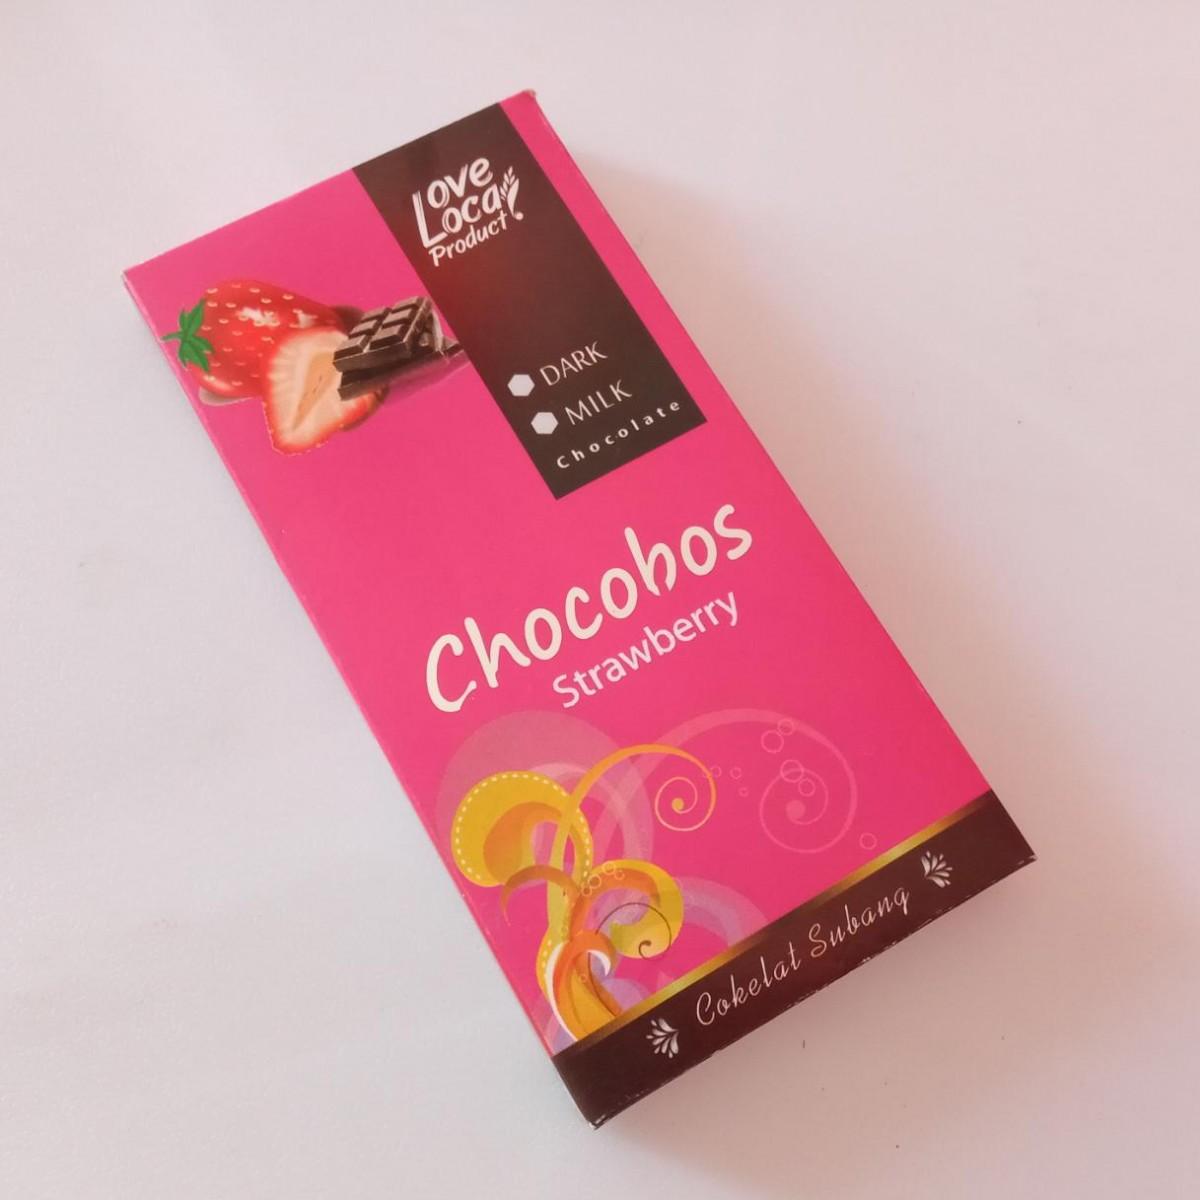 Chocobos Coklat Khas Subang